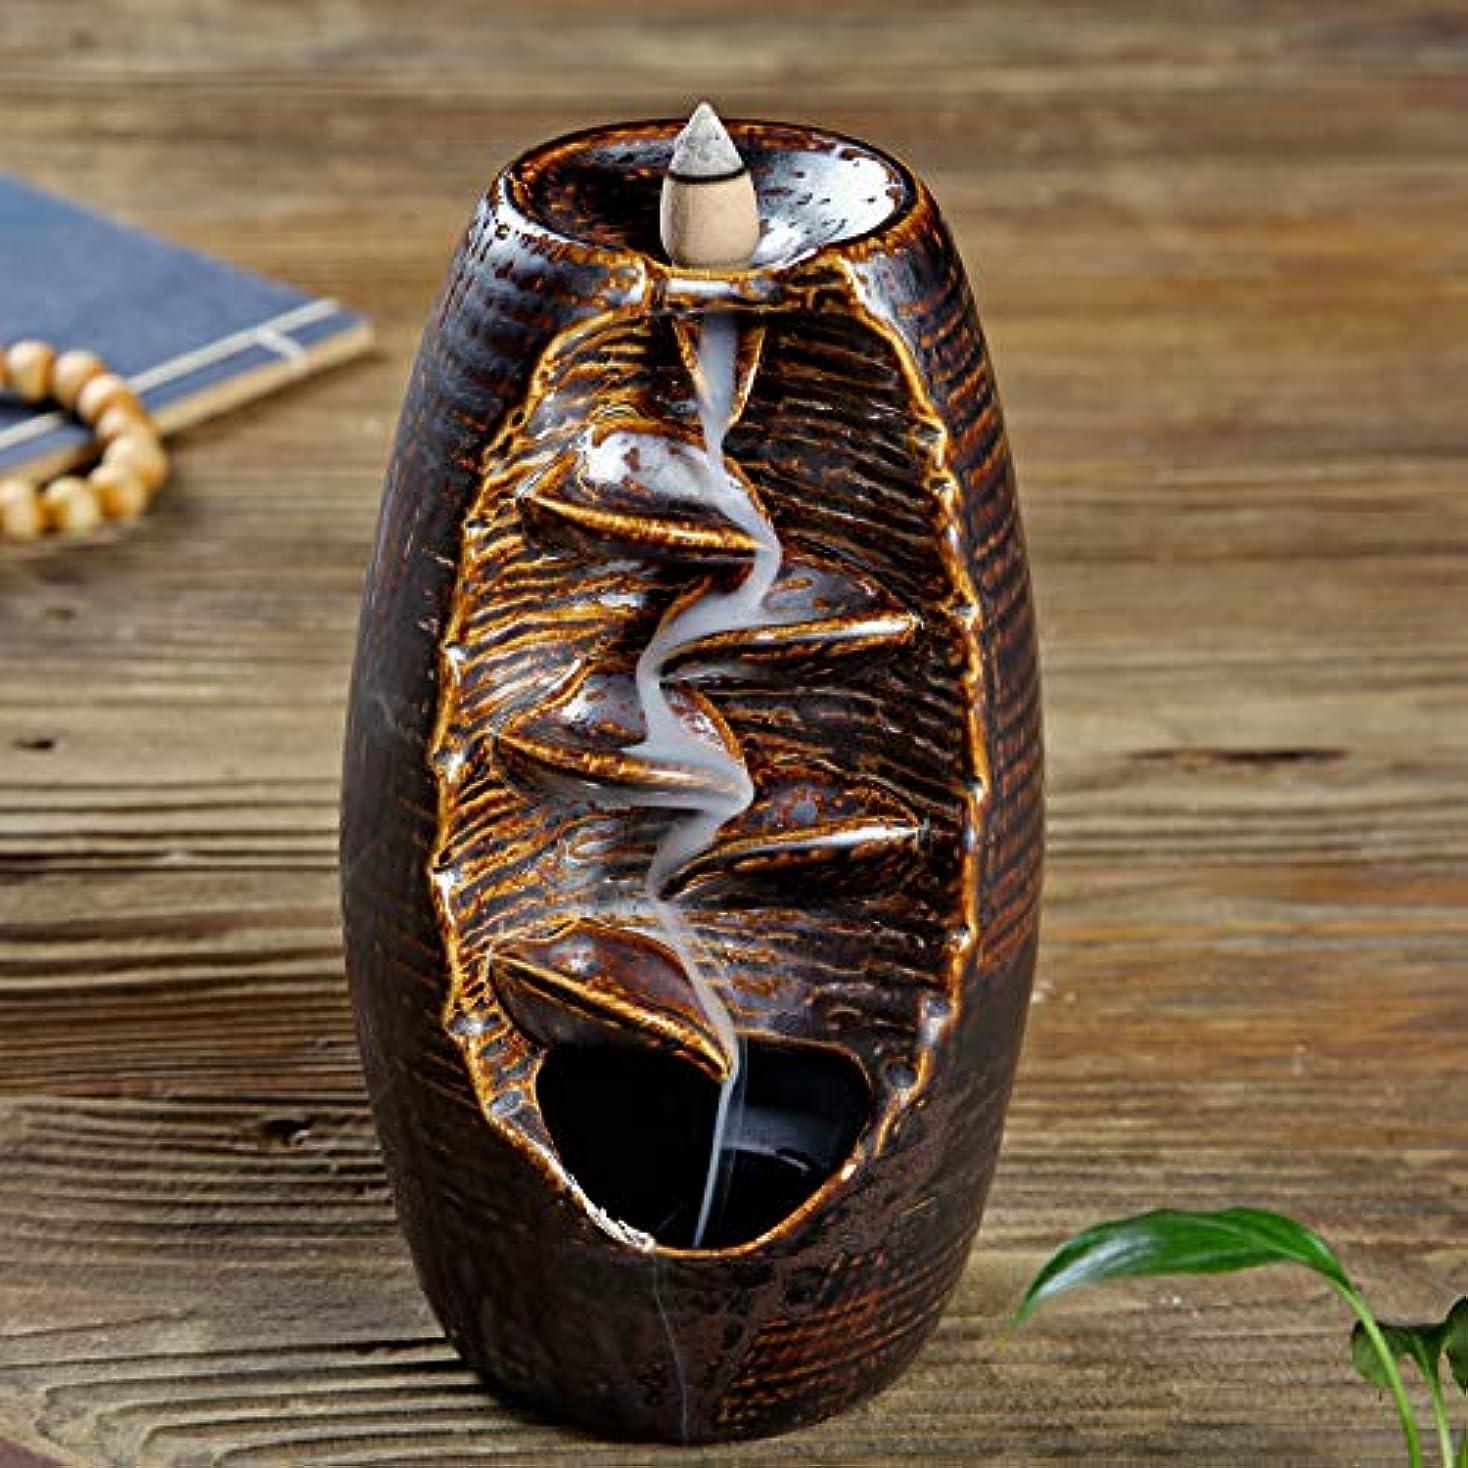 うめきエキスメキシコセラミック花瓶 スモークバック香炉 クリエイティブキルン 逆流アロマテラピー炉 家の装飾 ホームリビングルームの寝室のデスクトップの装飾